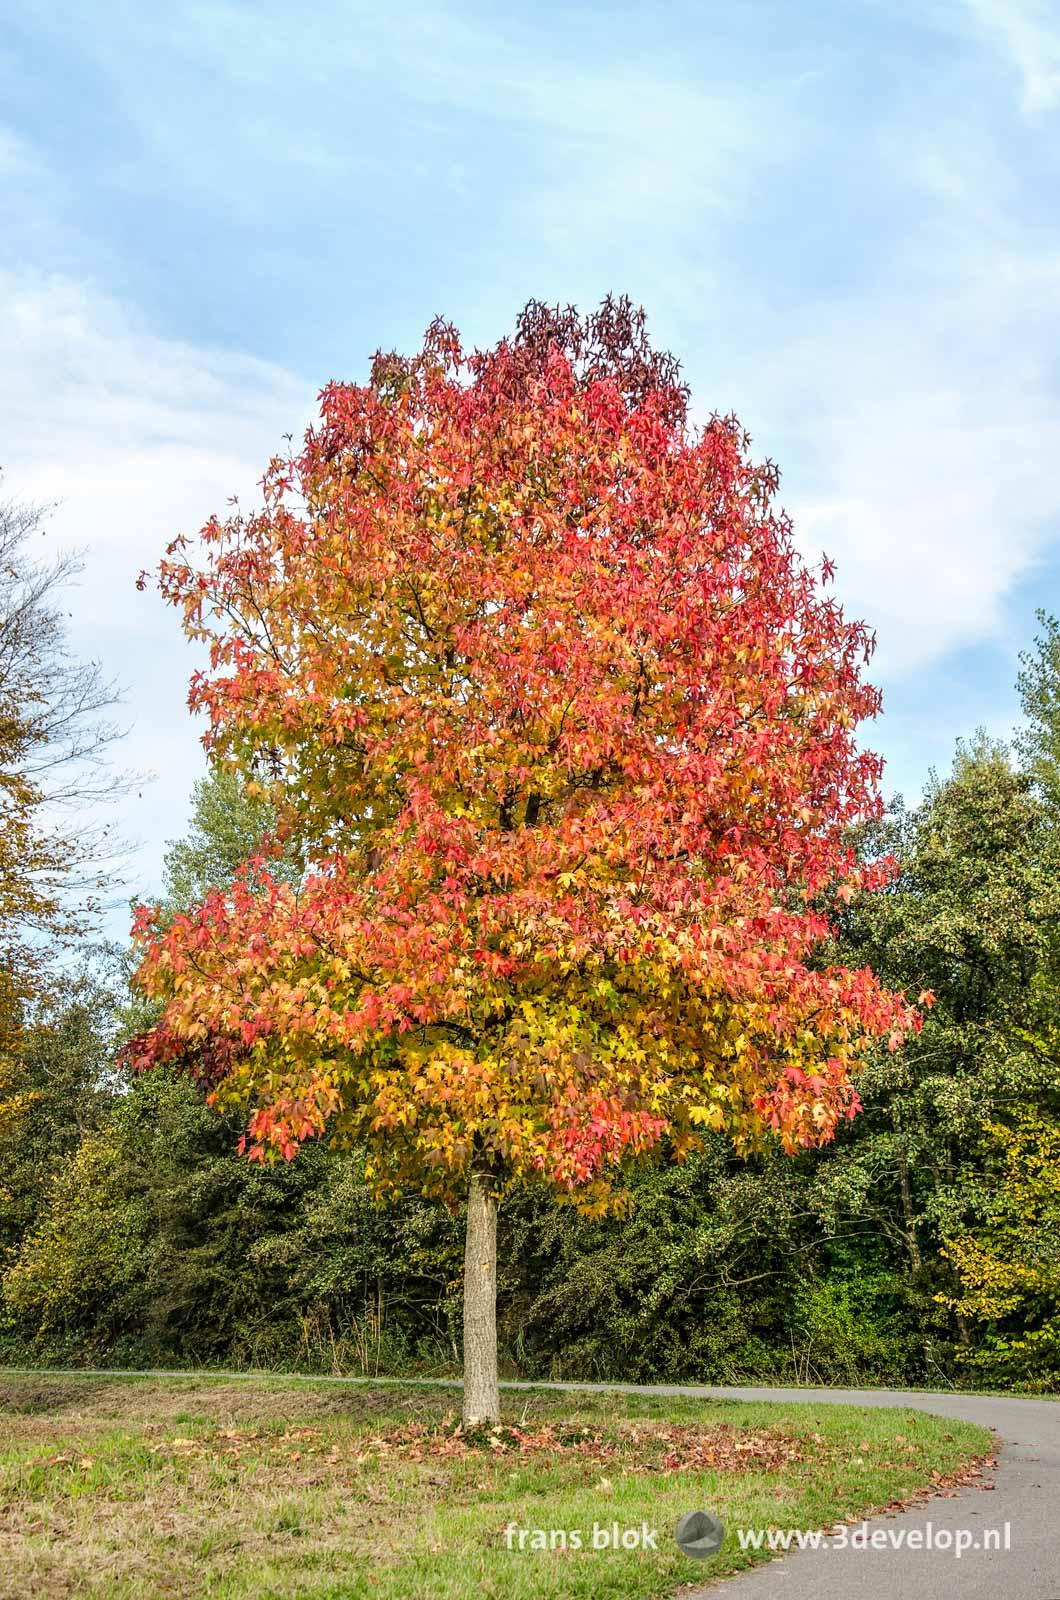 Een amberboom (liquidambar styraciflua) in de herfst, in een bocht van een fietspad in het Zuidelijk Randpark in Rotterdam